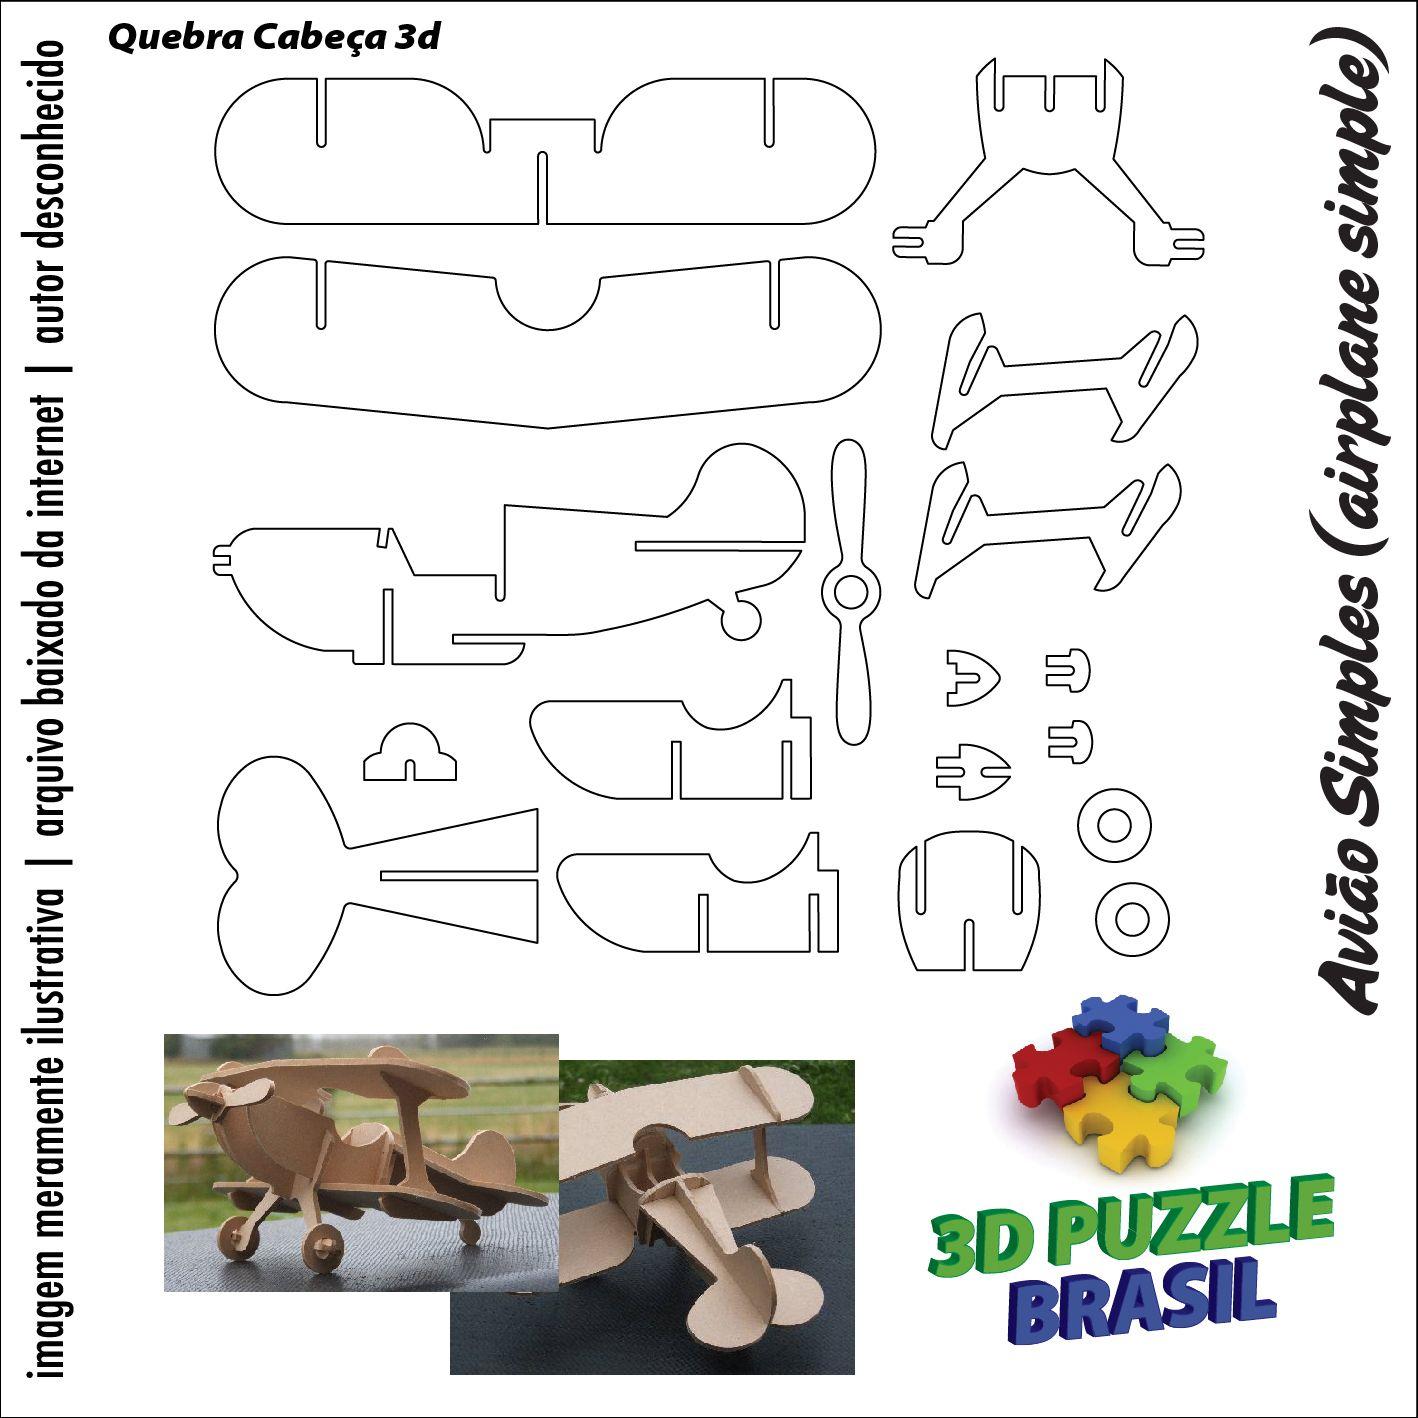 Resultado de imagen para diseños de rompecabezas 3d | Rompecabezas ...